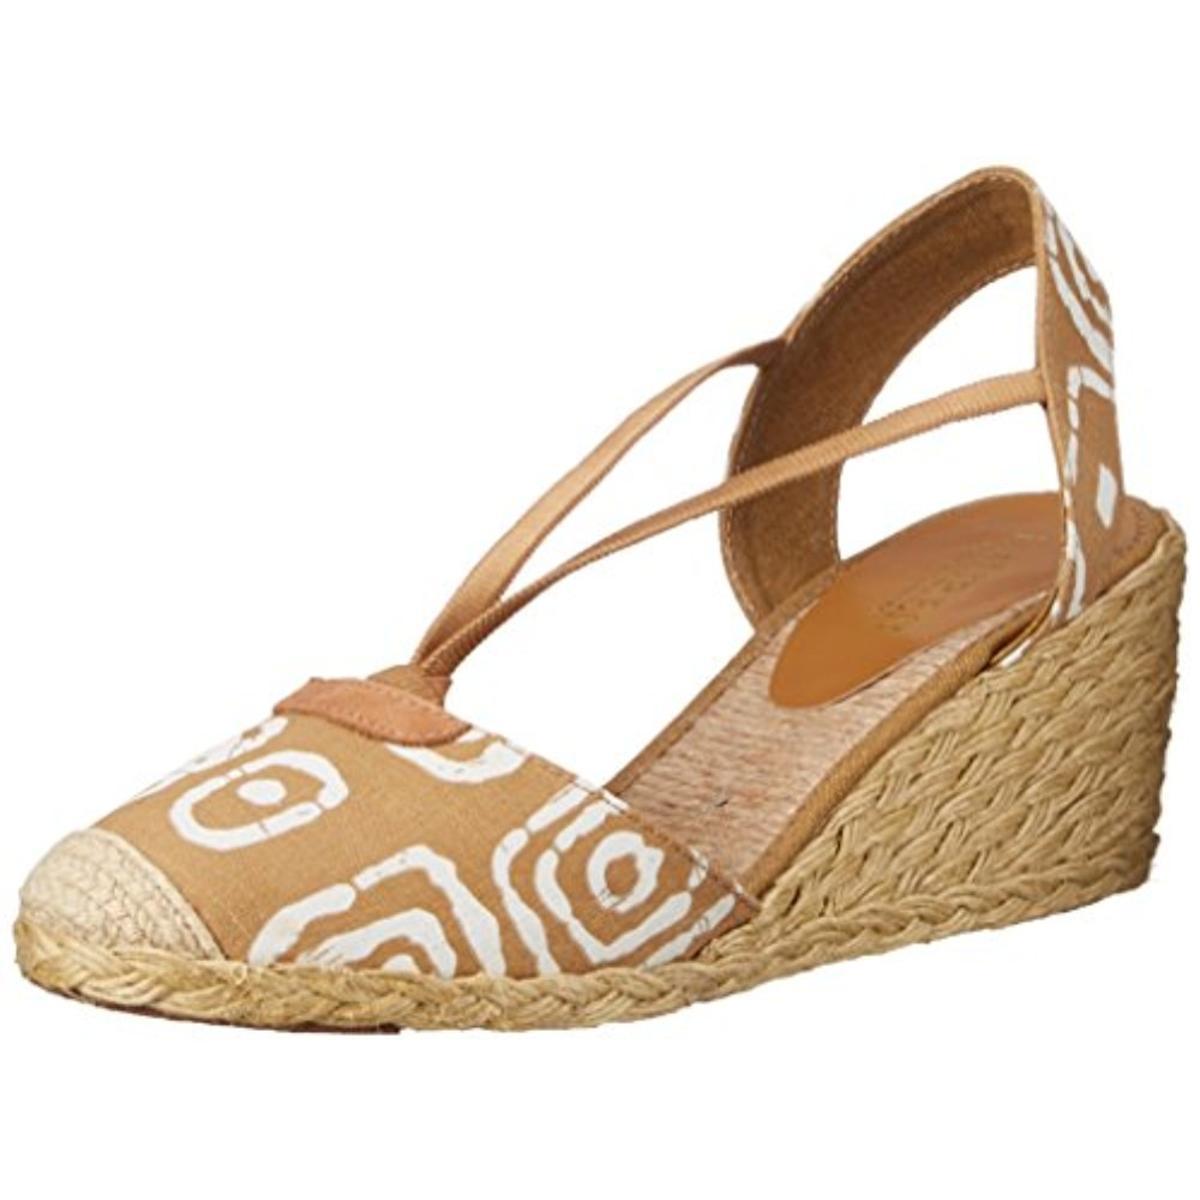 ralph 2562 womens linen wedge sandals shoes 9 5